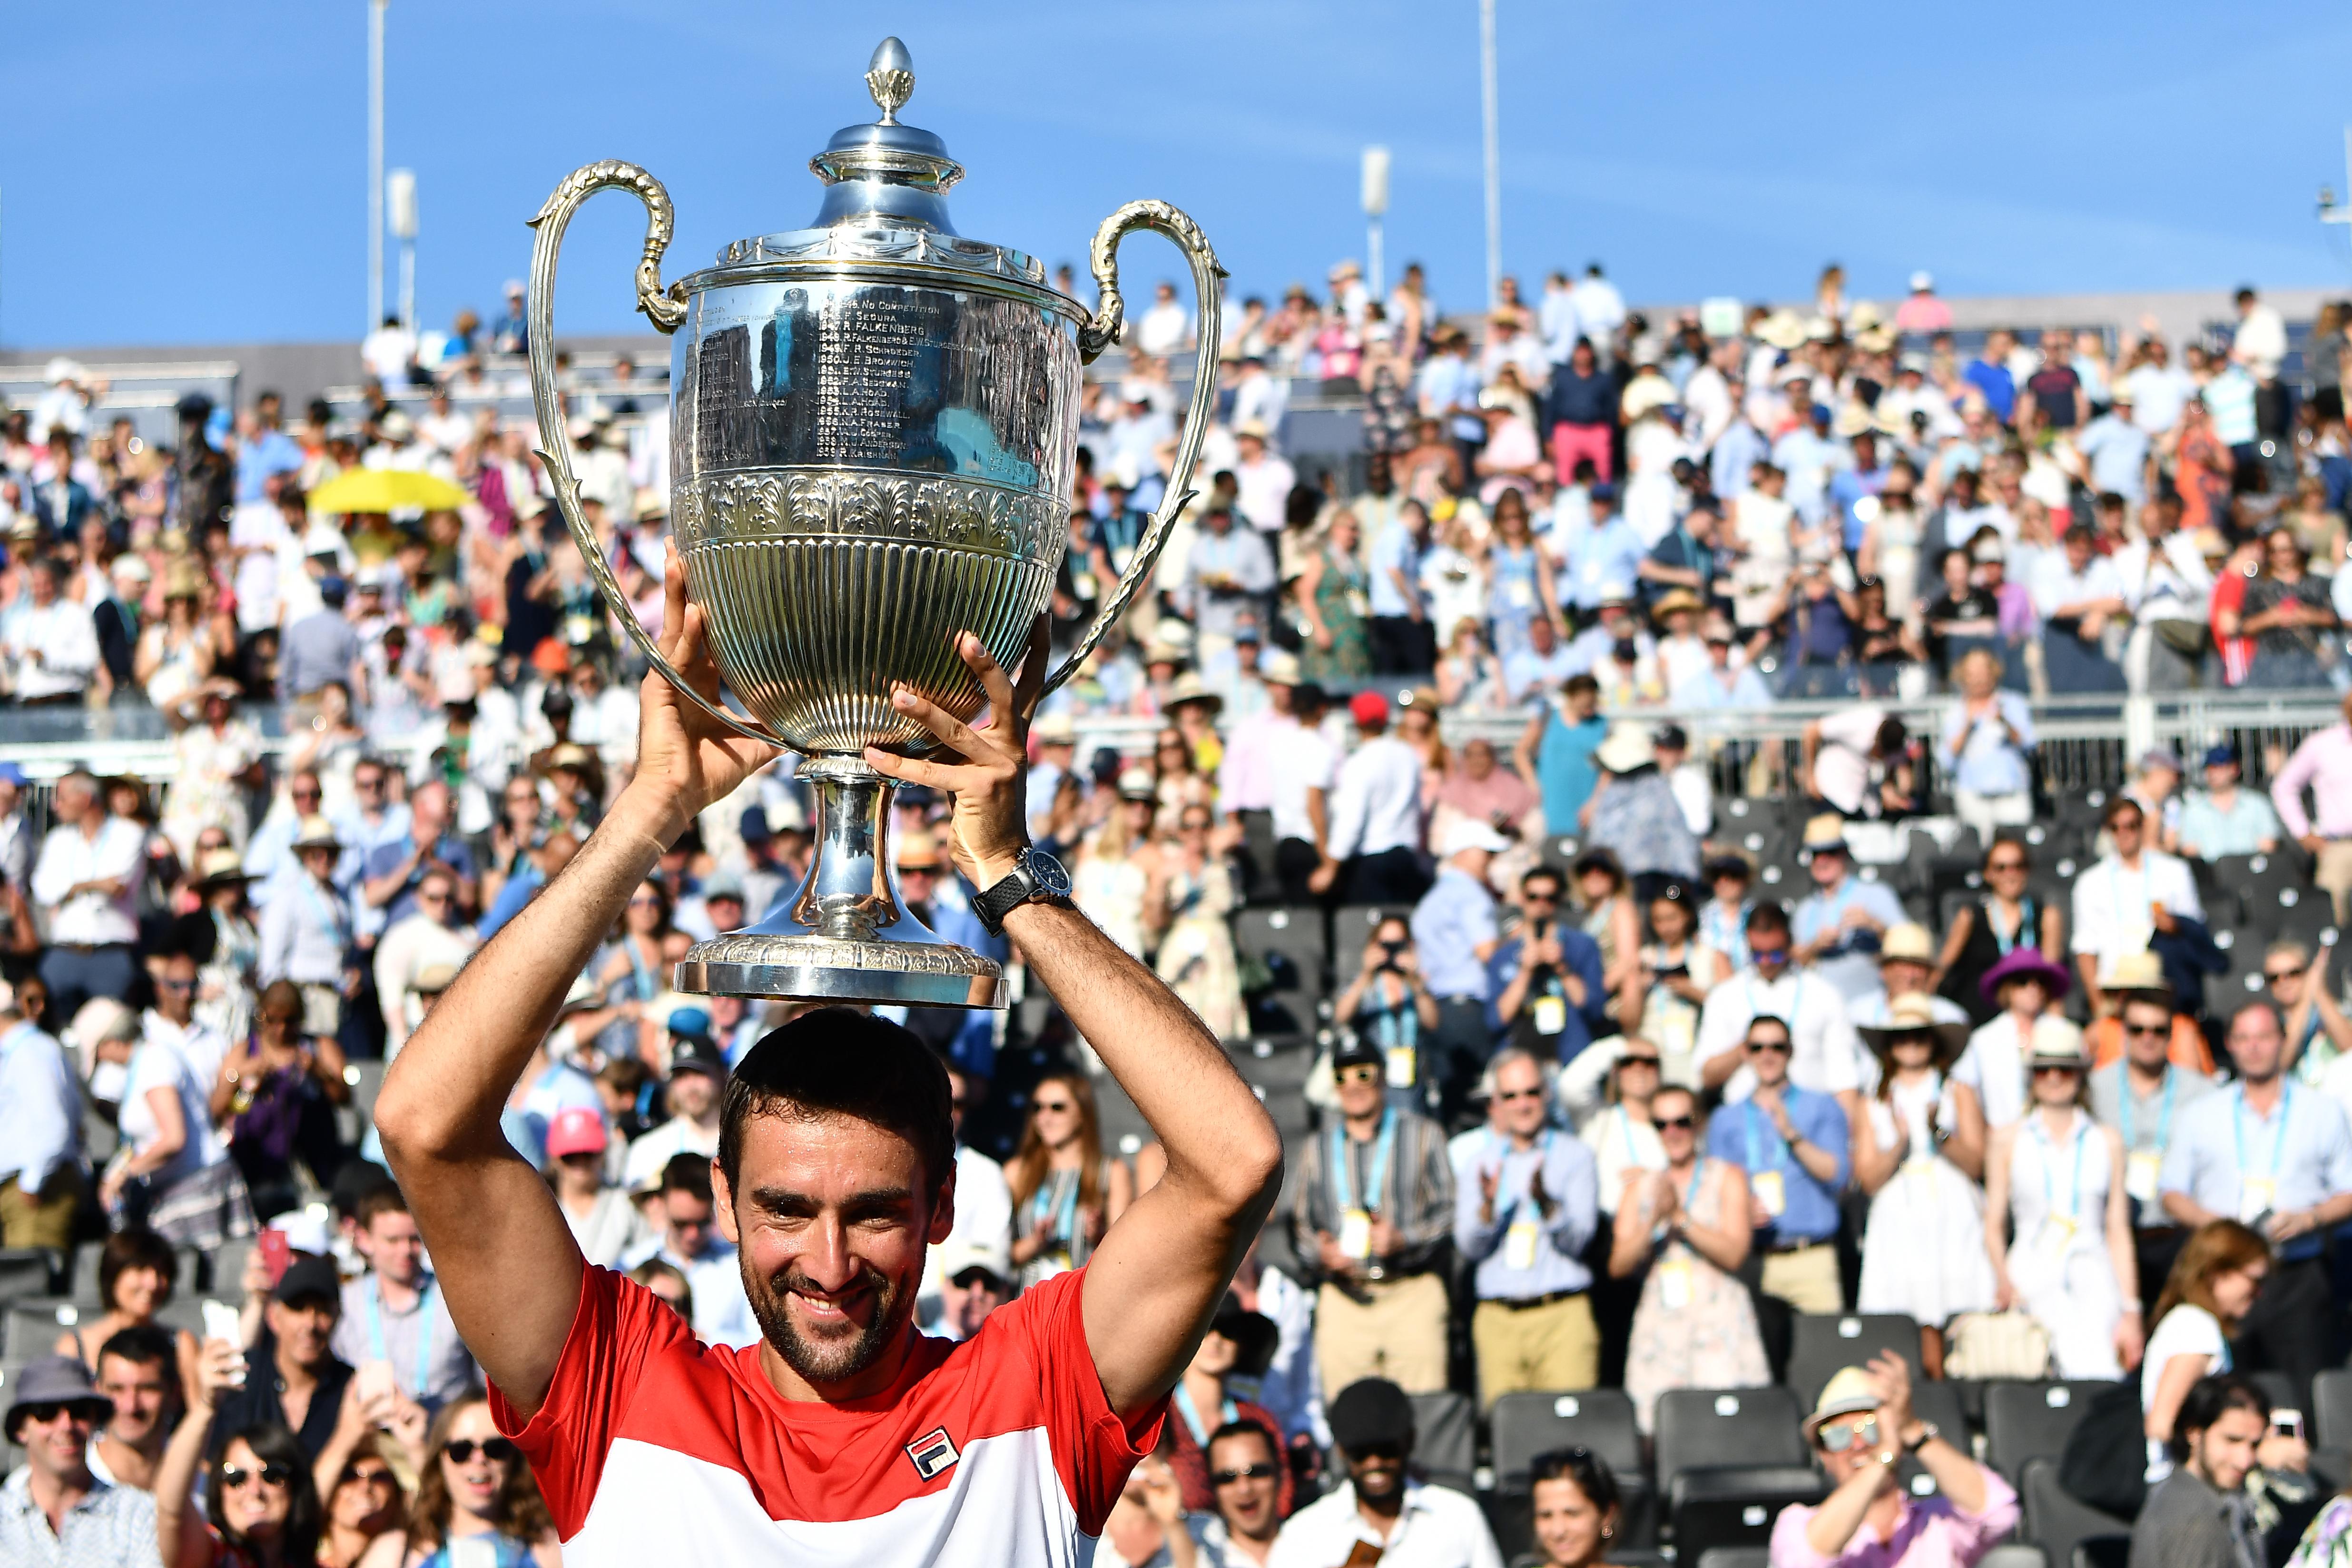 Friss hírek: A horvát teniszező három szettben nyert a Queen's Club-i tenisztorna döntőjében a korábbi világelső ellen.